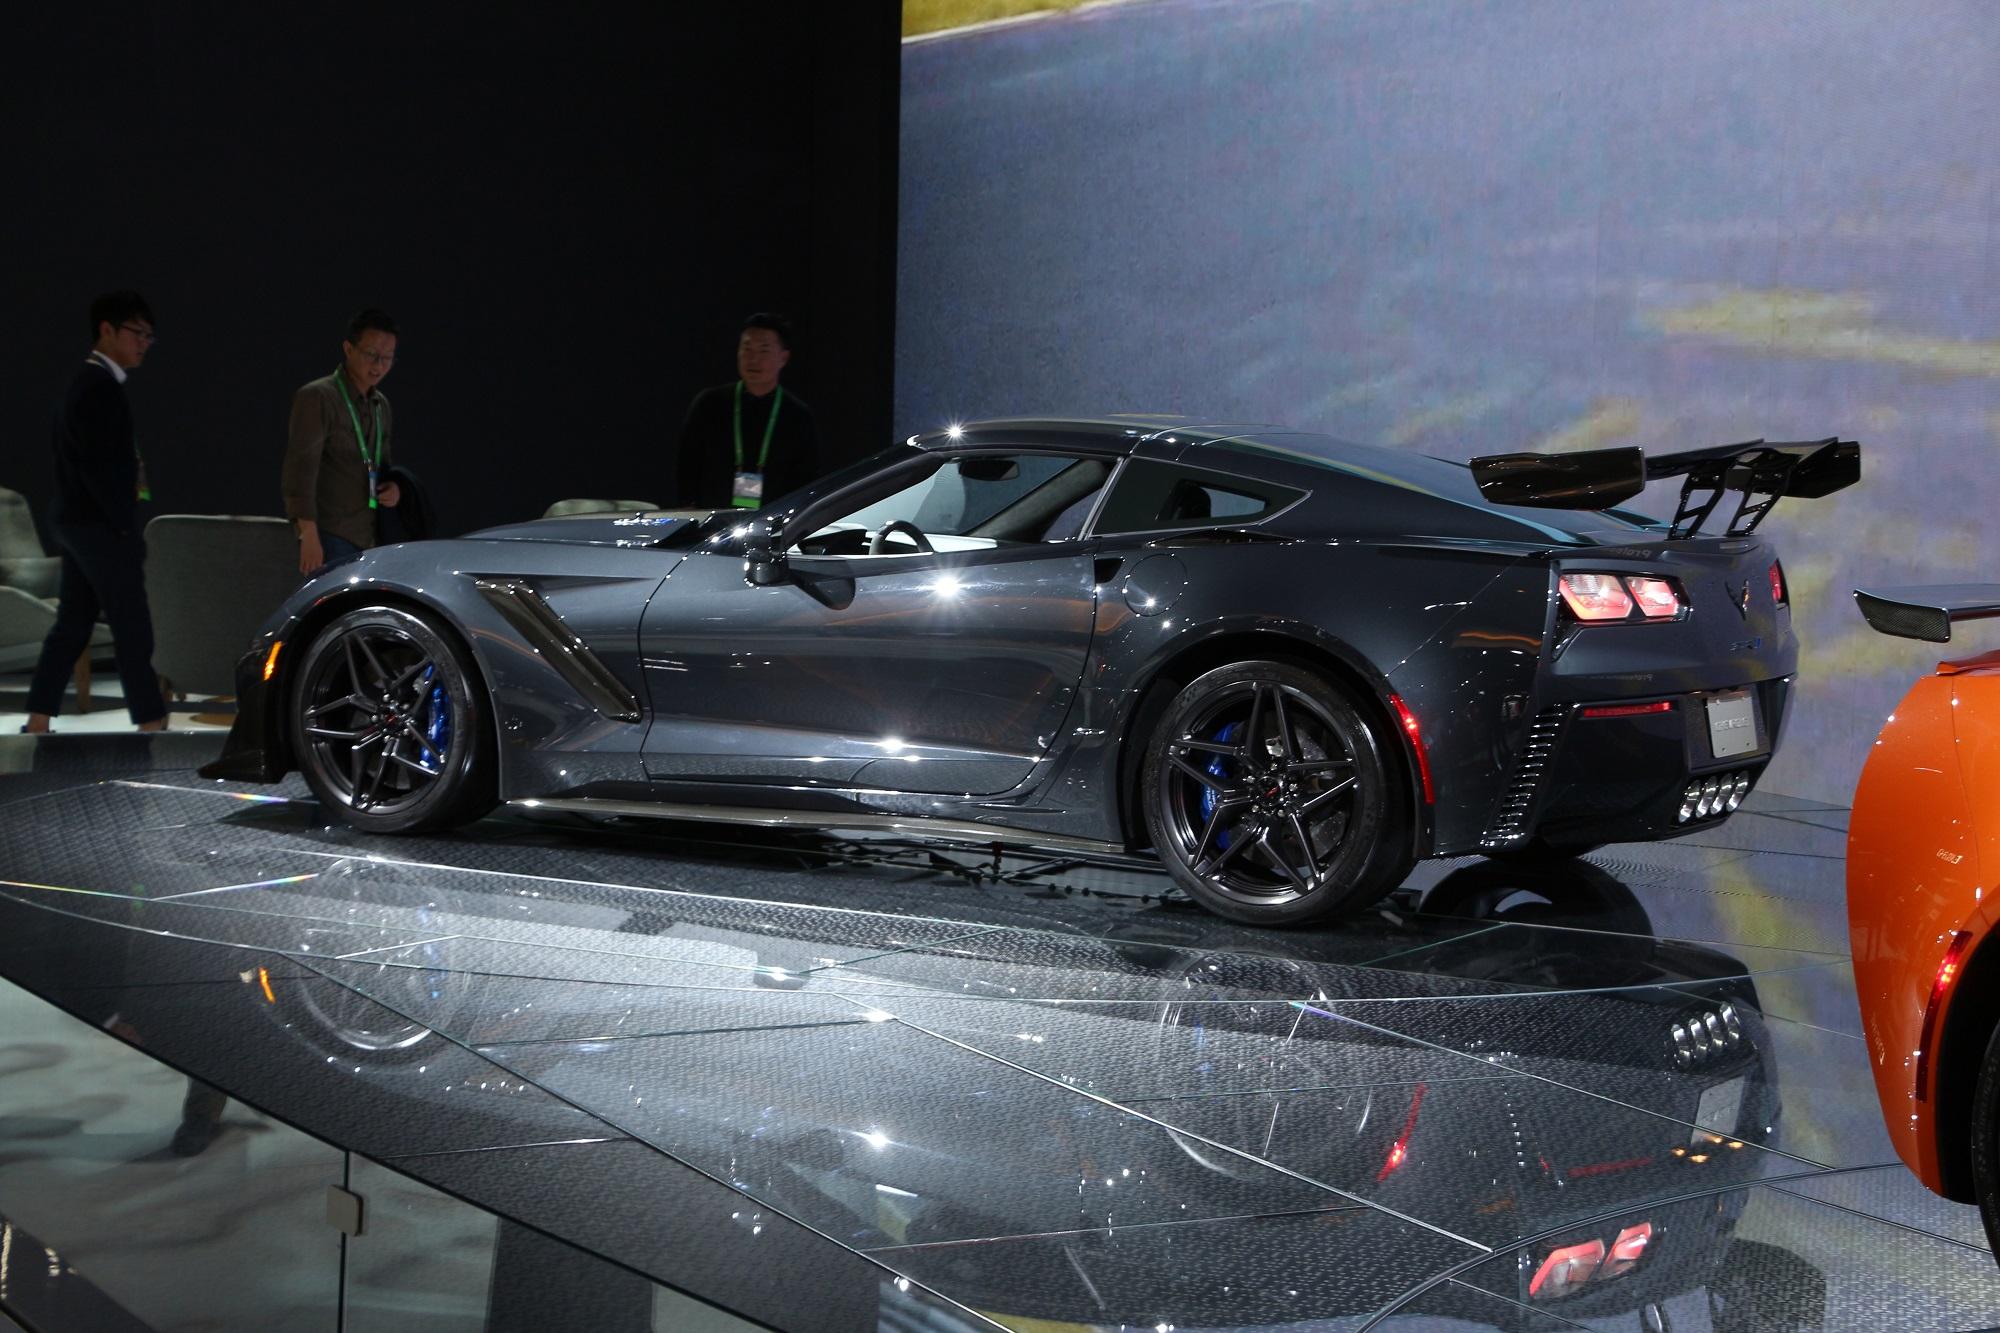 LS1tech.com 2018 2019 Corvette ZR1 Coupe Convertible LA L.A. Los Angeles Auto Show Gallery